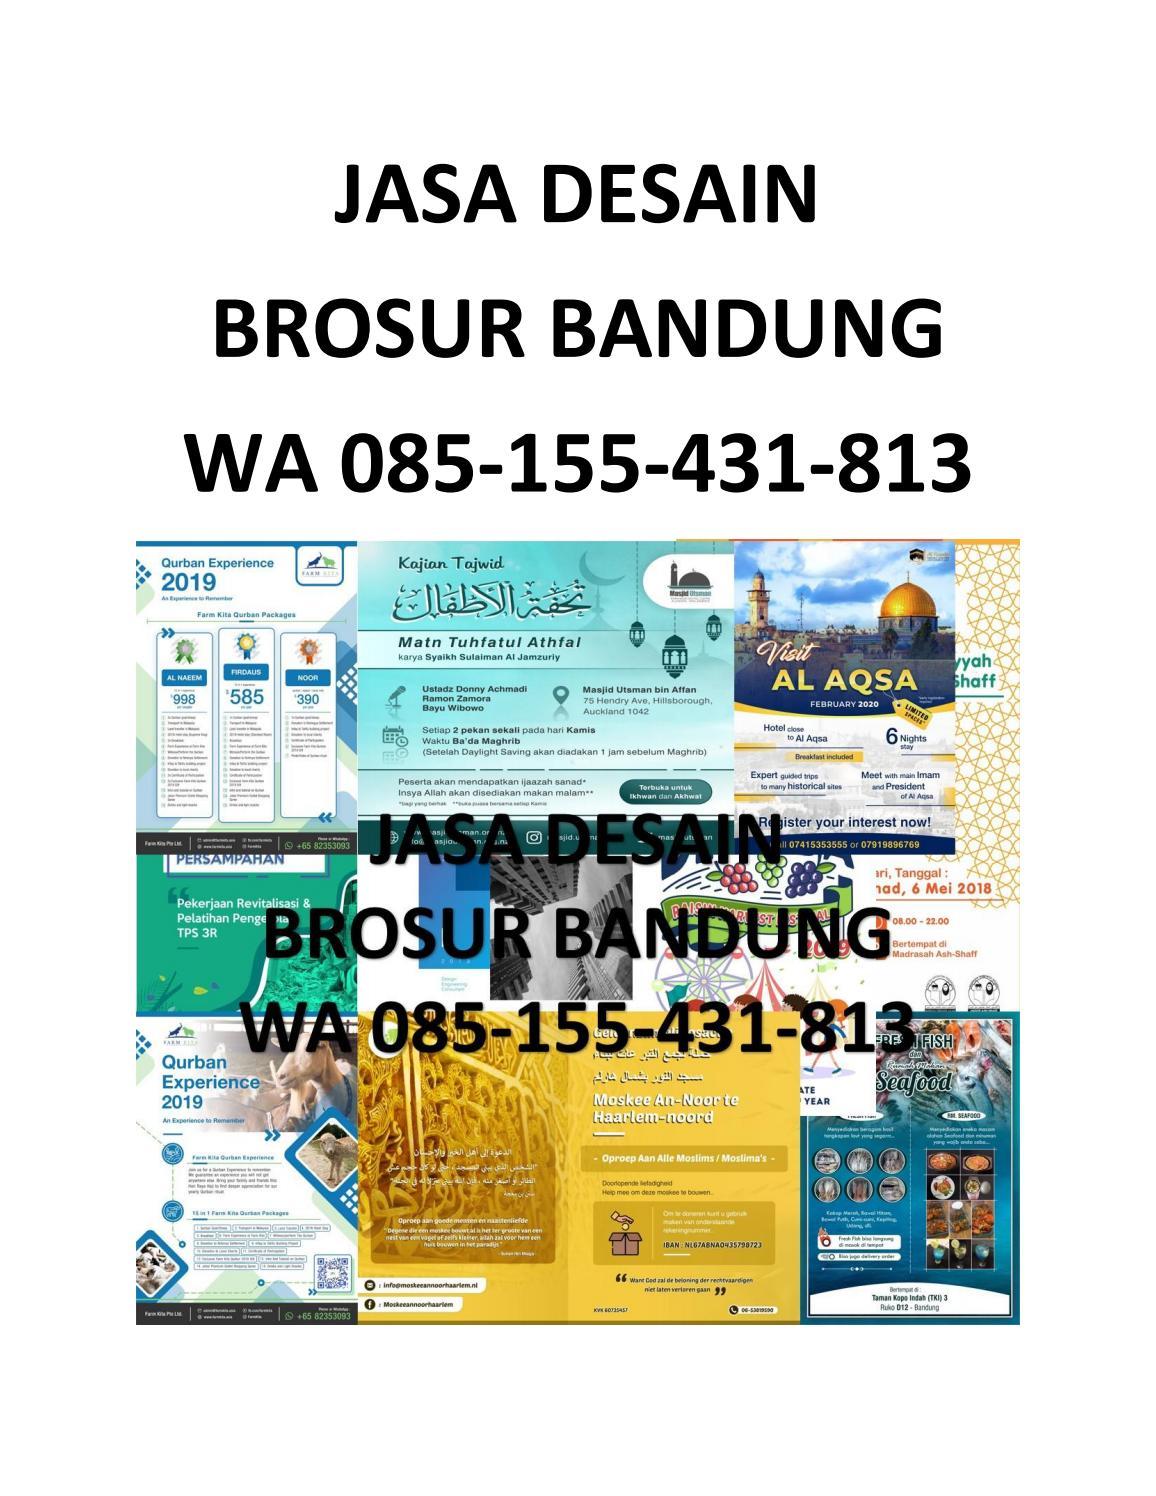 Terbaik Wa 085 155 431 813 Jasa Desain Brosur Perumahan Di Bandung By Jasa Desain Brosur Bandung Issuu